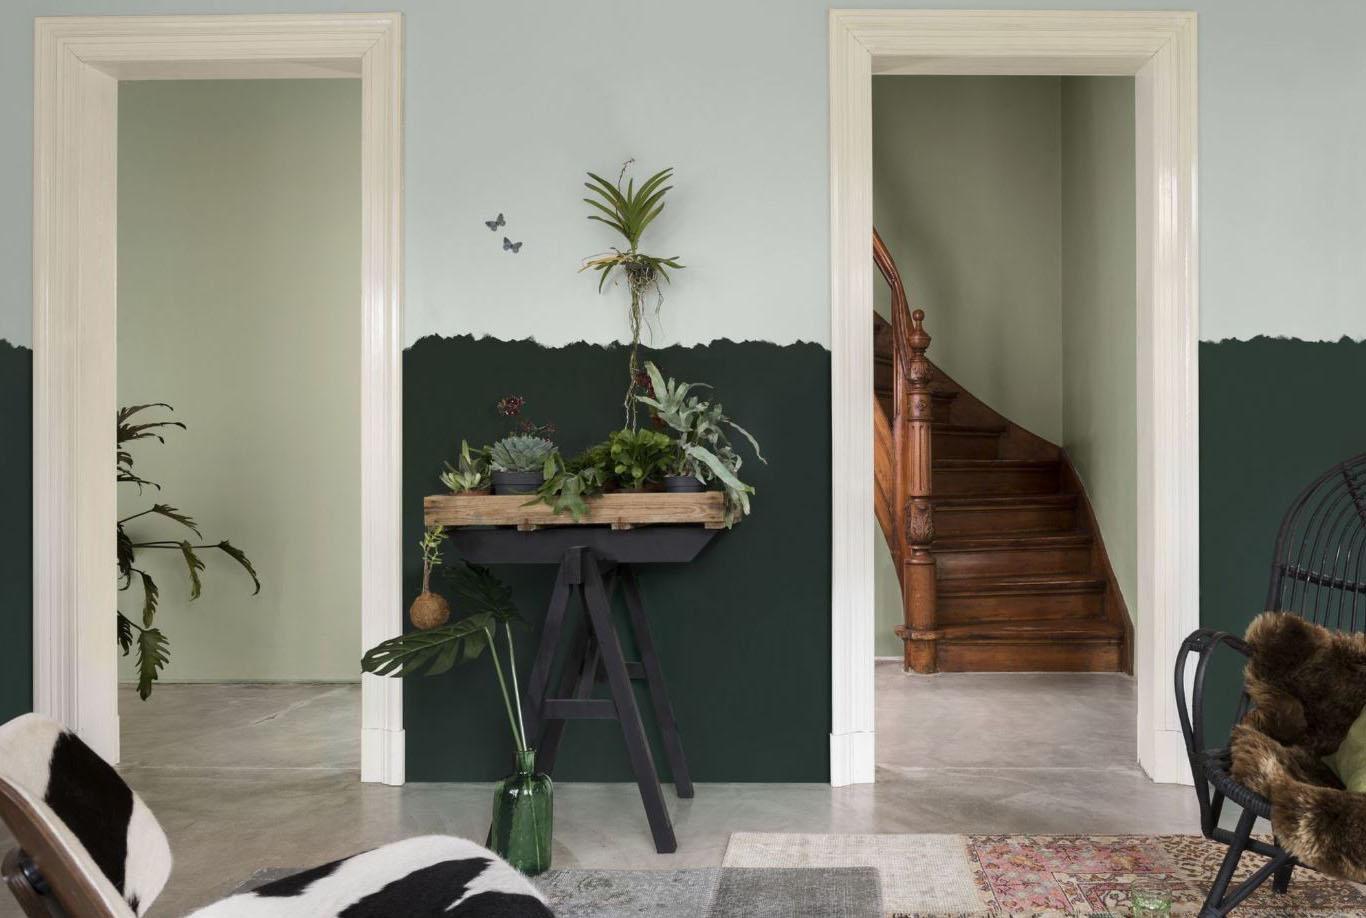 Salon deux teintes vert clair et foncé